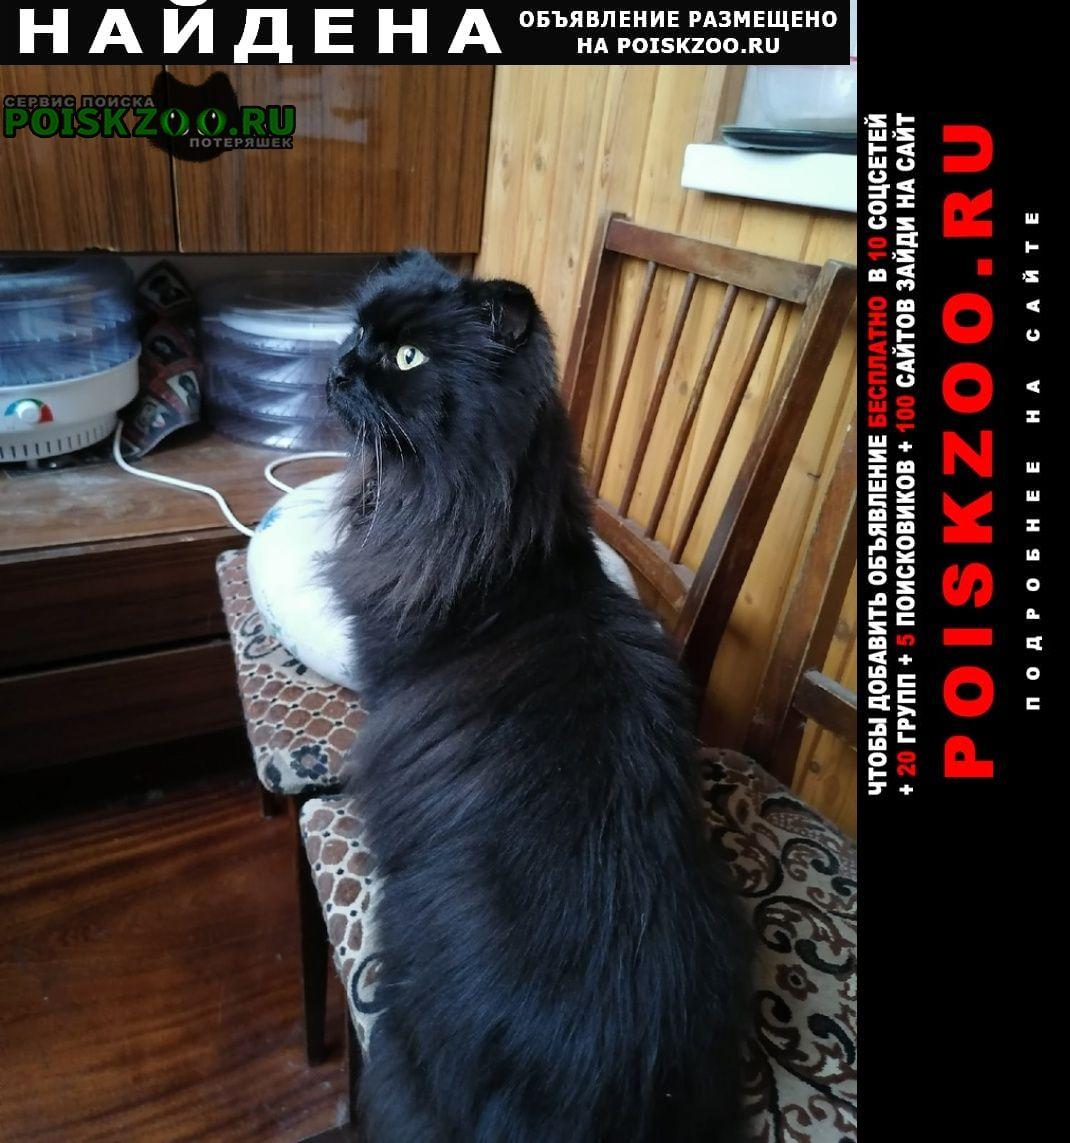 Найдена кошка чёрная, вислоухая Балашиха